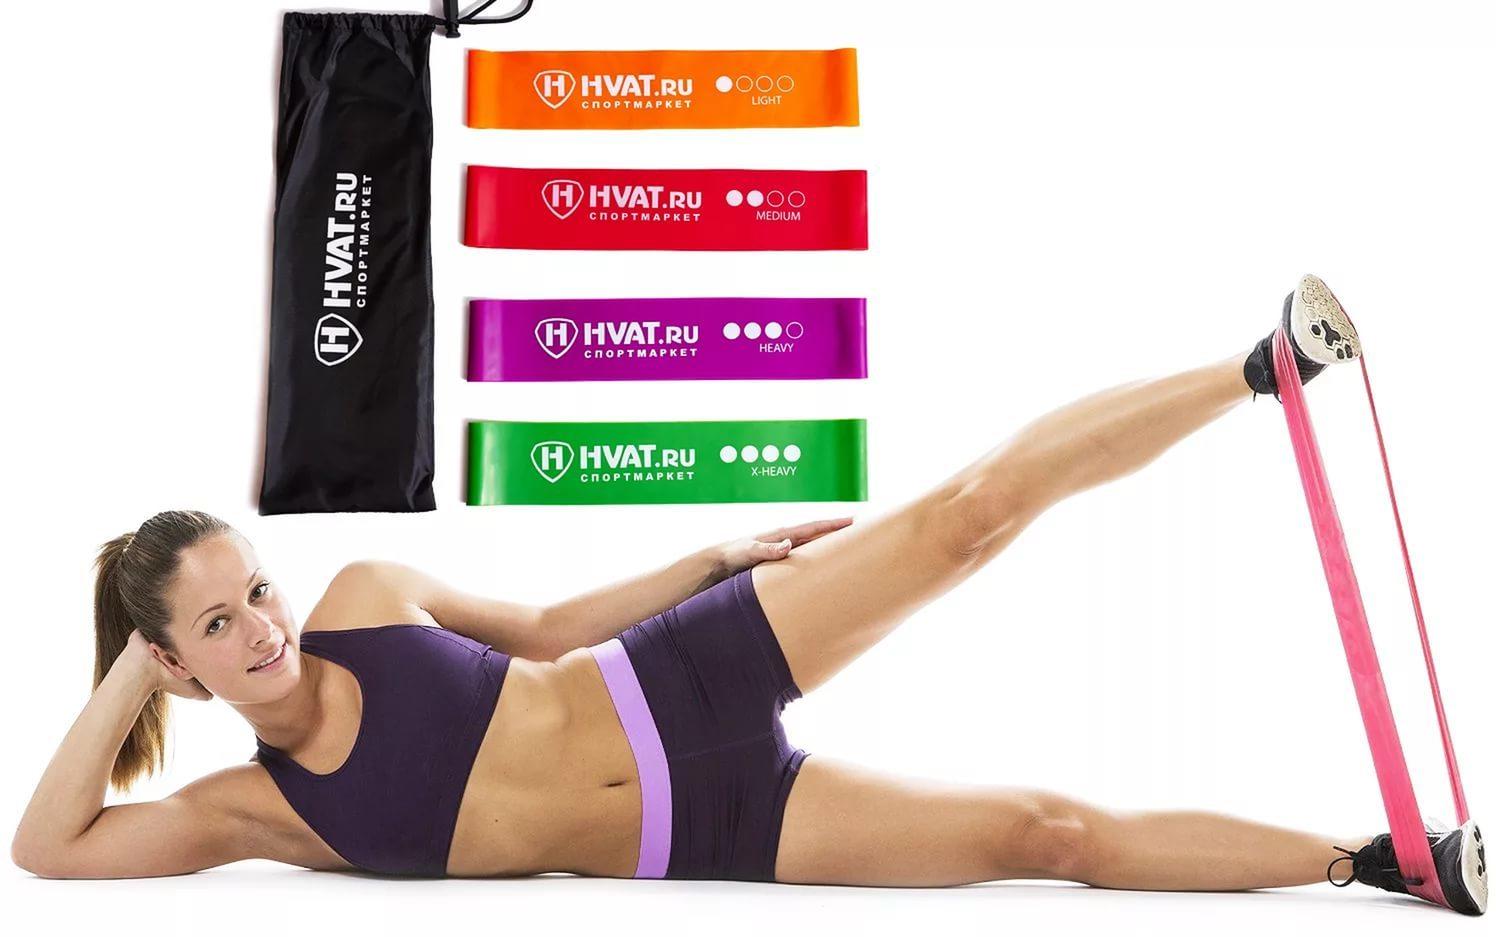 Резинки для фитнеса 5 шт. купить в Лодейном Поле